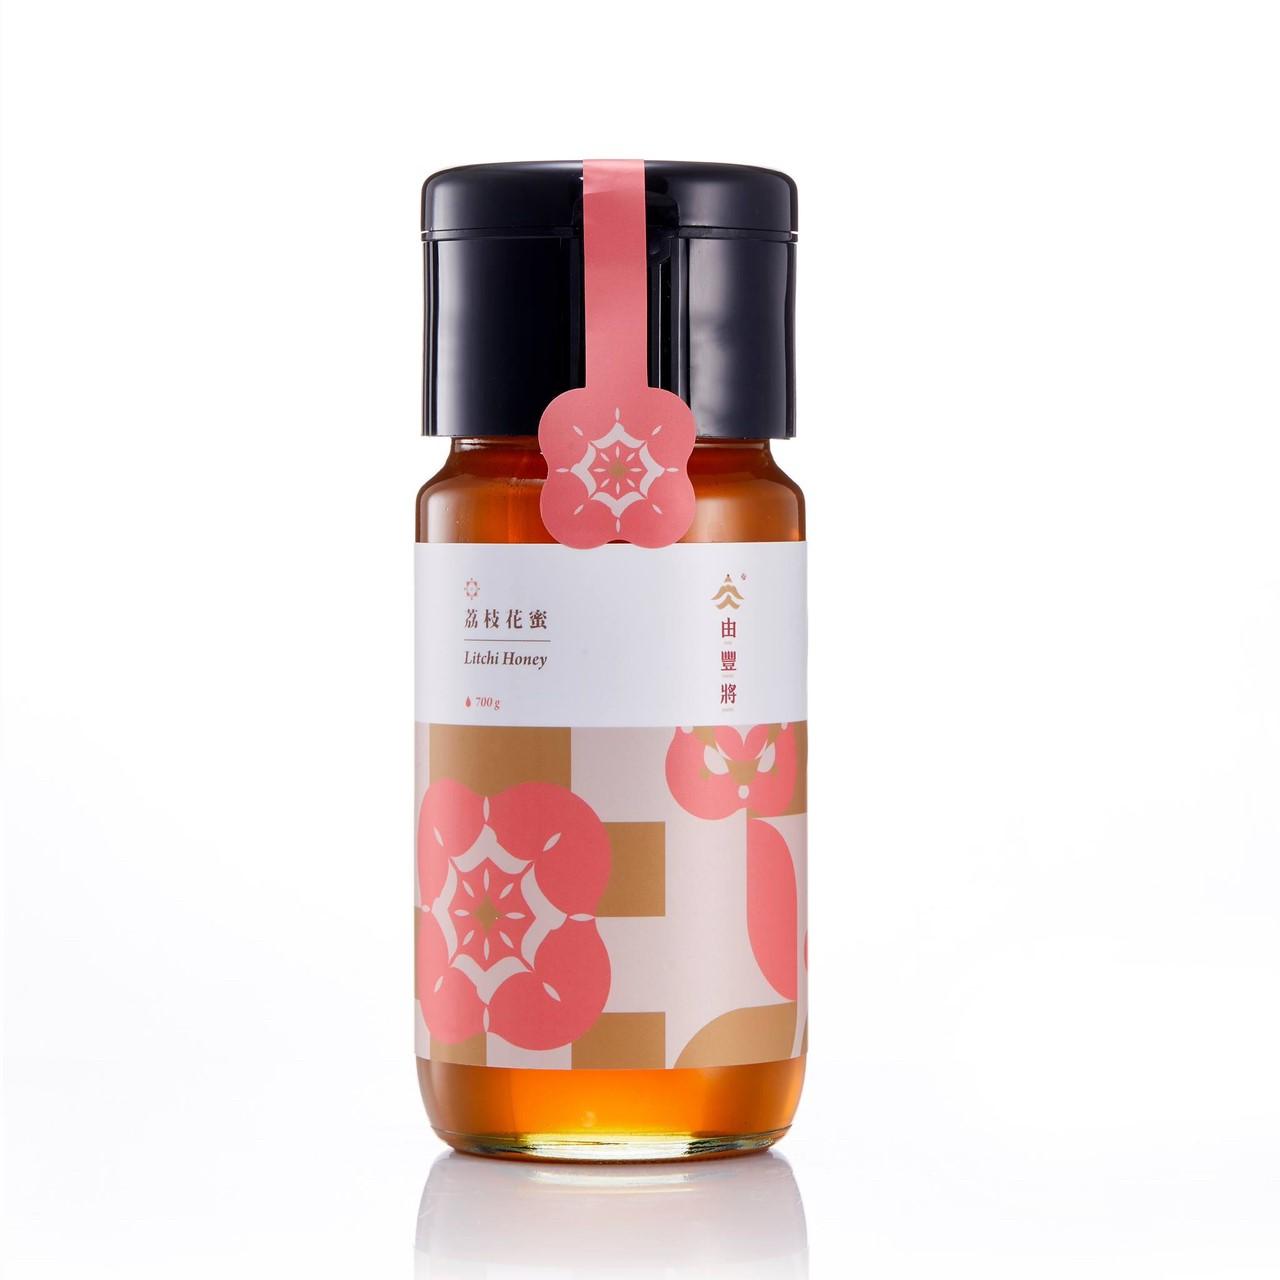 【由豐將】100%台灣蜂蜜-楊貴妃特愛的荔枝花蜜 700g(大)